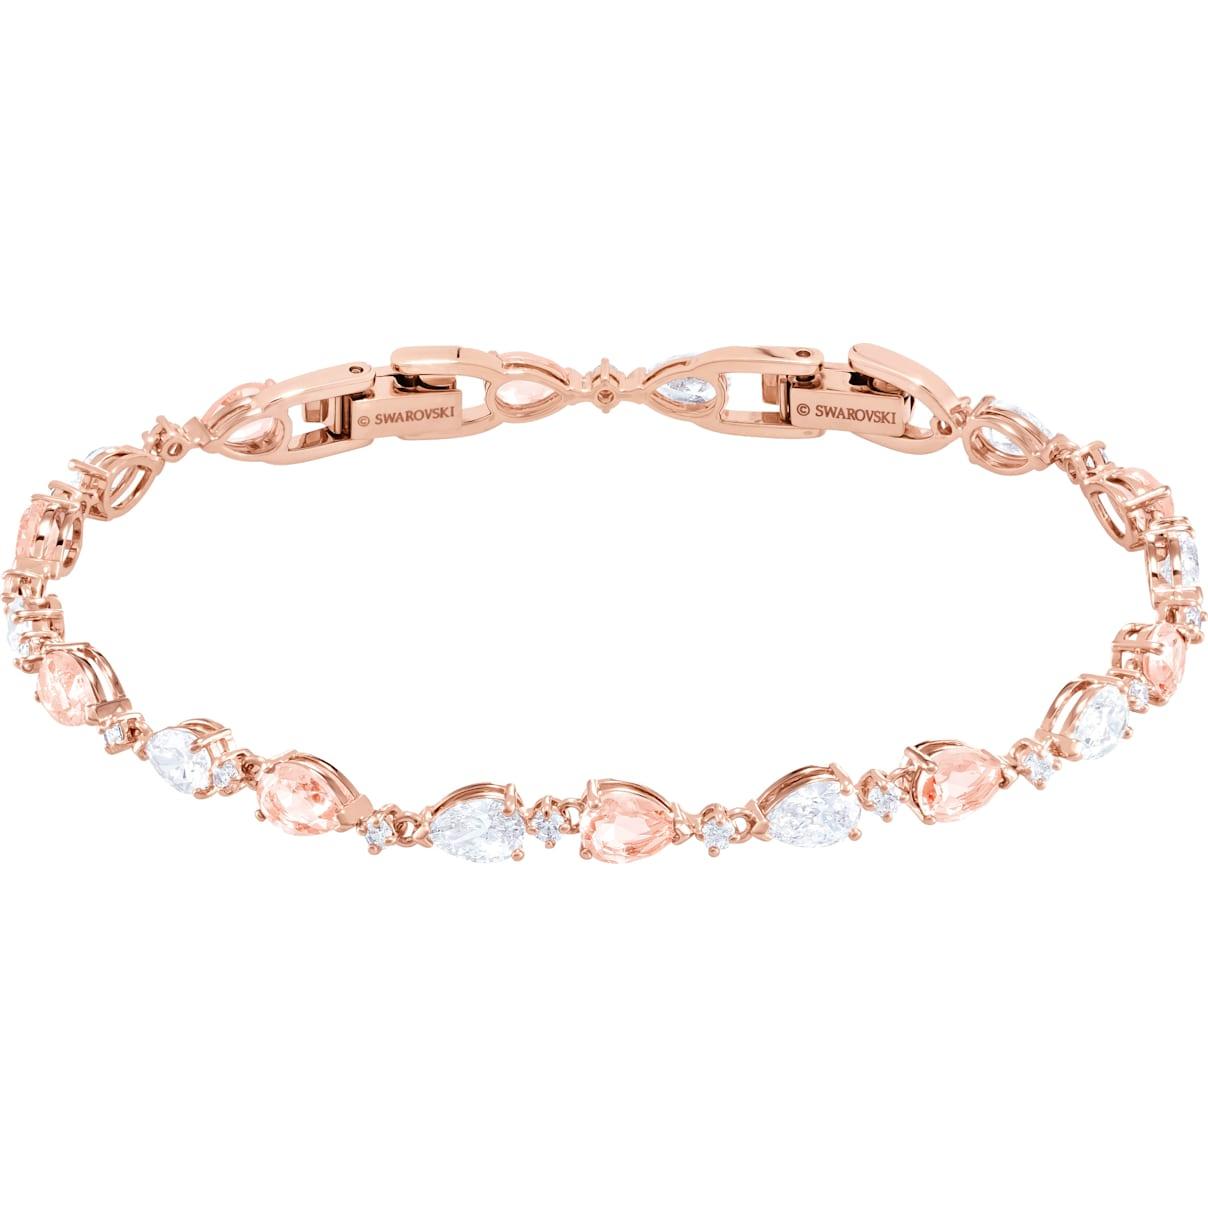 Swarovski Vintage Bracelet, Pink, Rose-gold tone plated